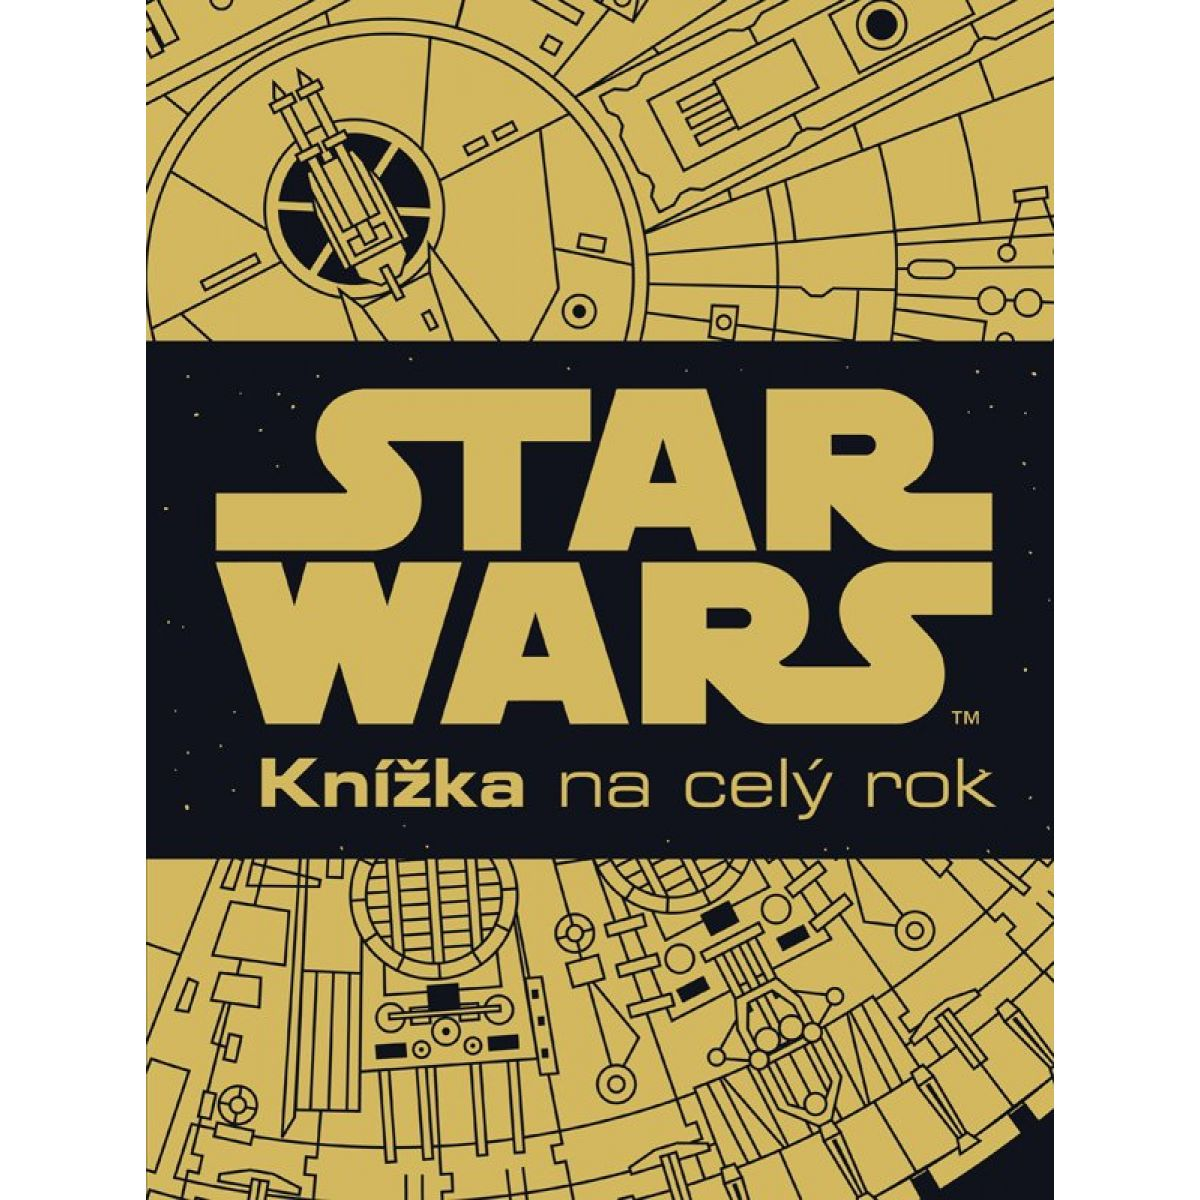 Star Wars - Knížka na celý rok - Walt Disney